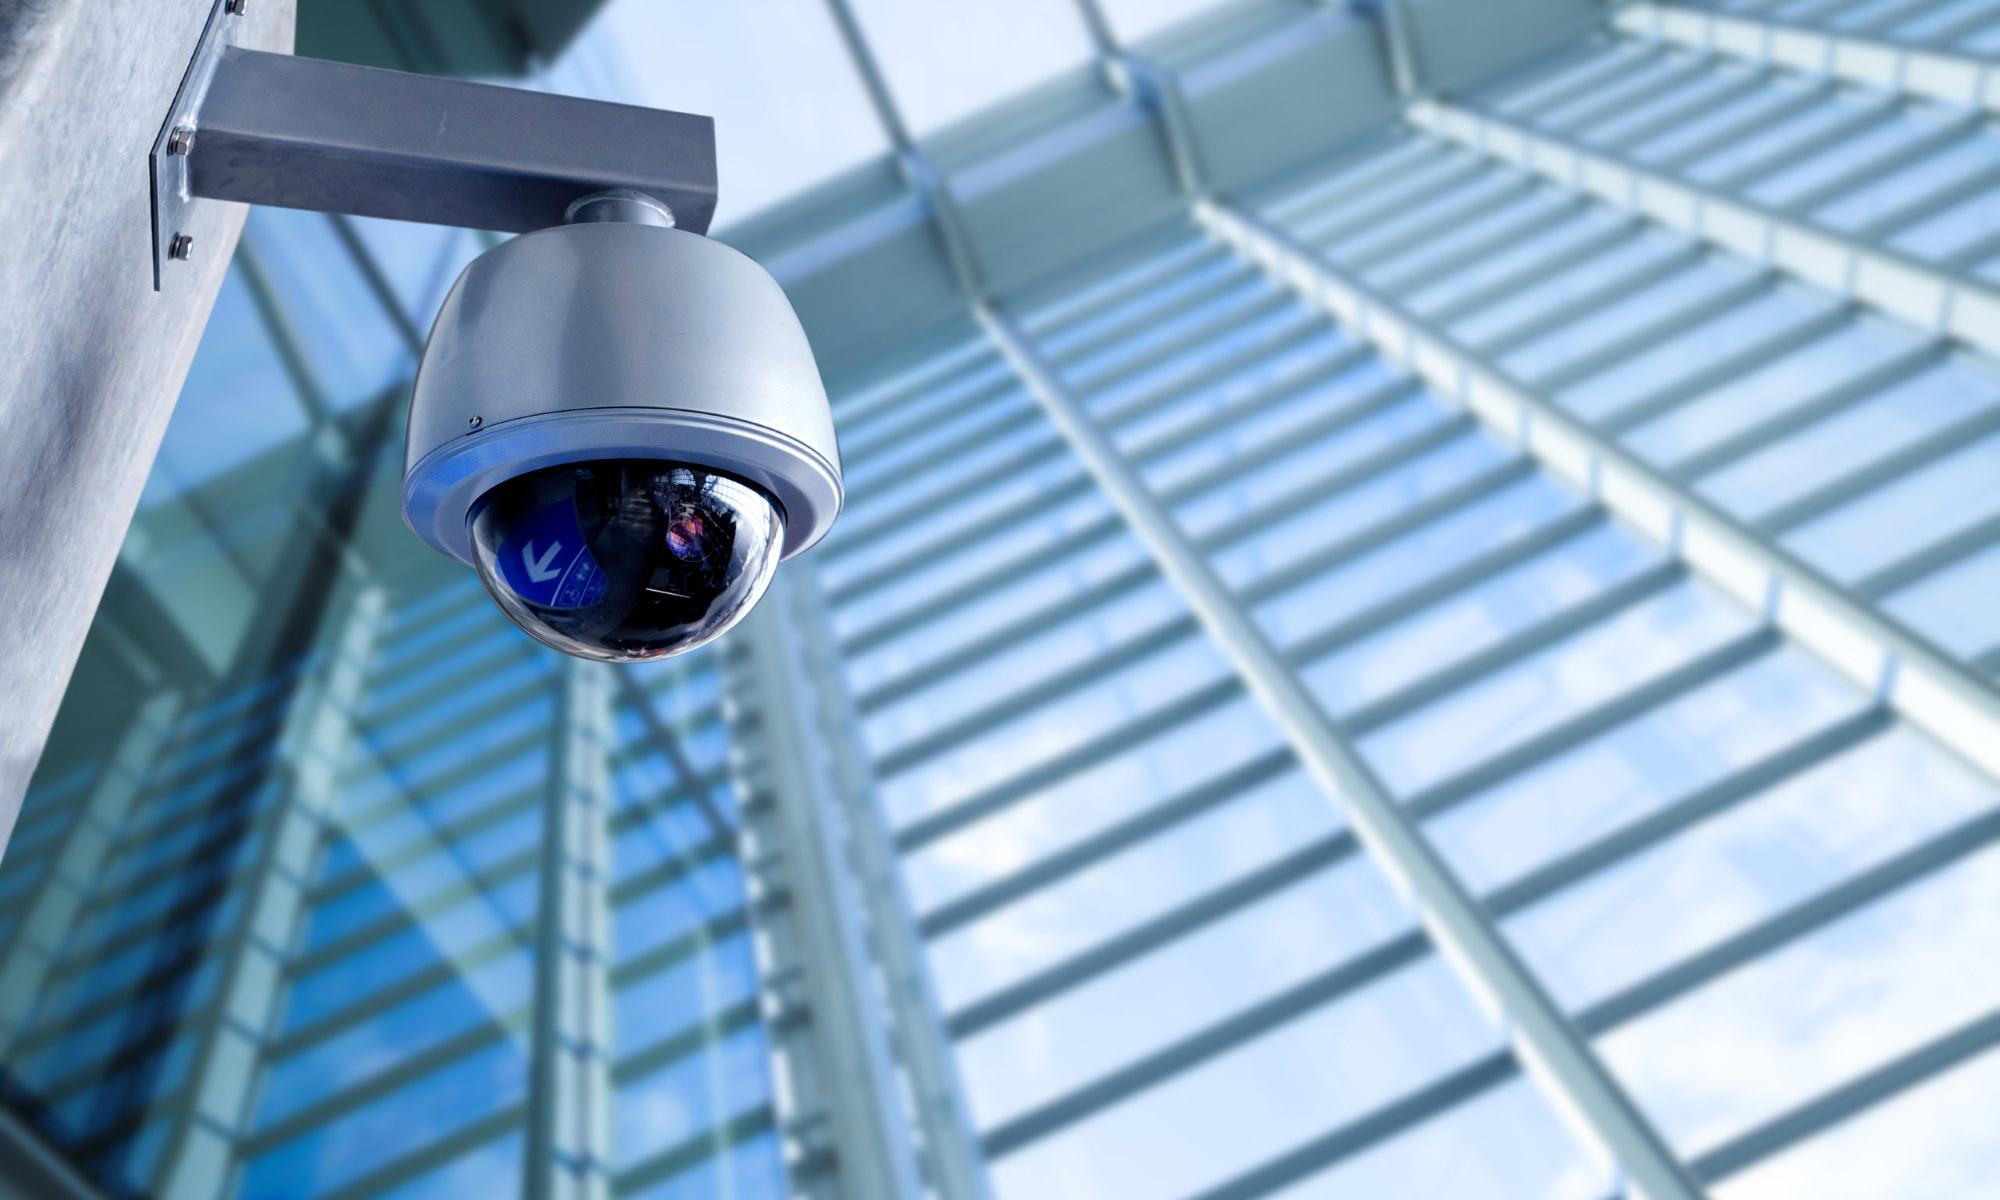 Одна из подгрупп Darkside взломала поставщика систем видеонаблюдения